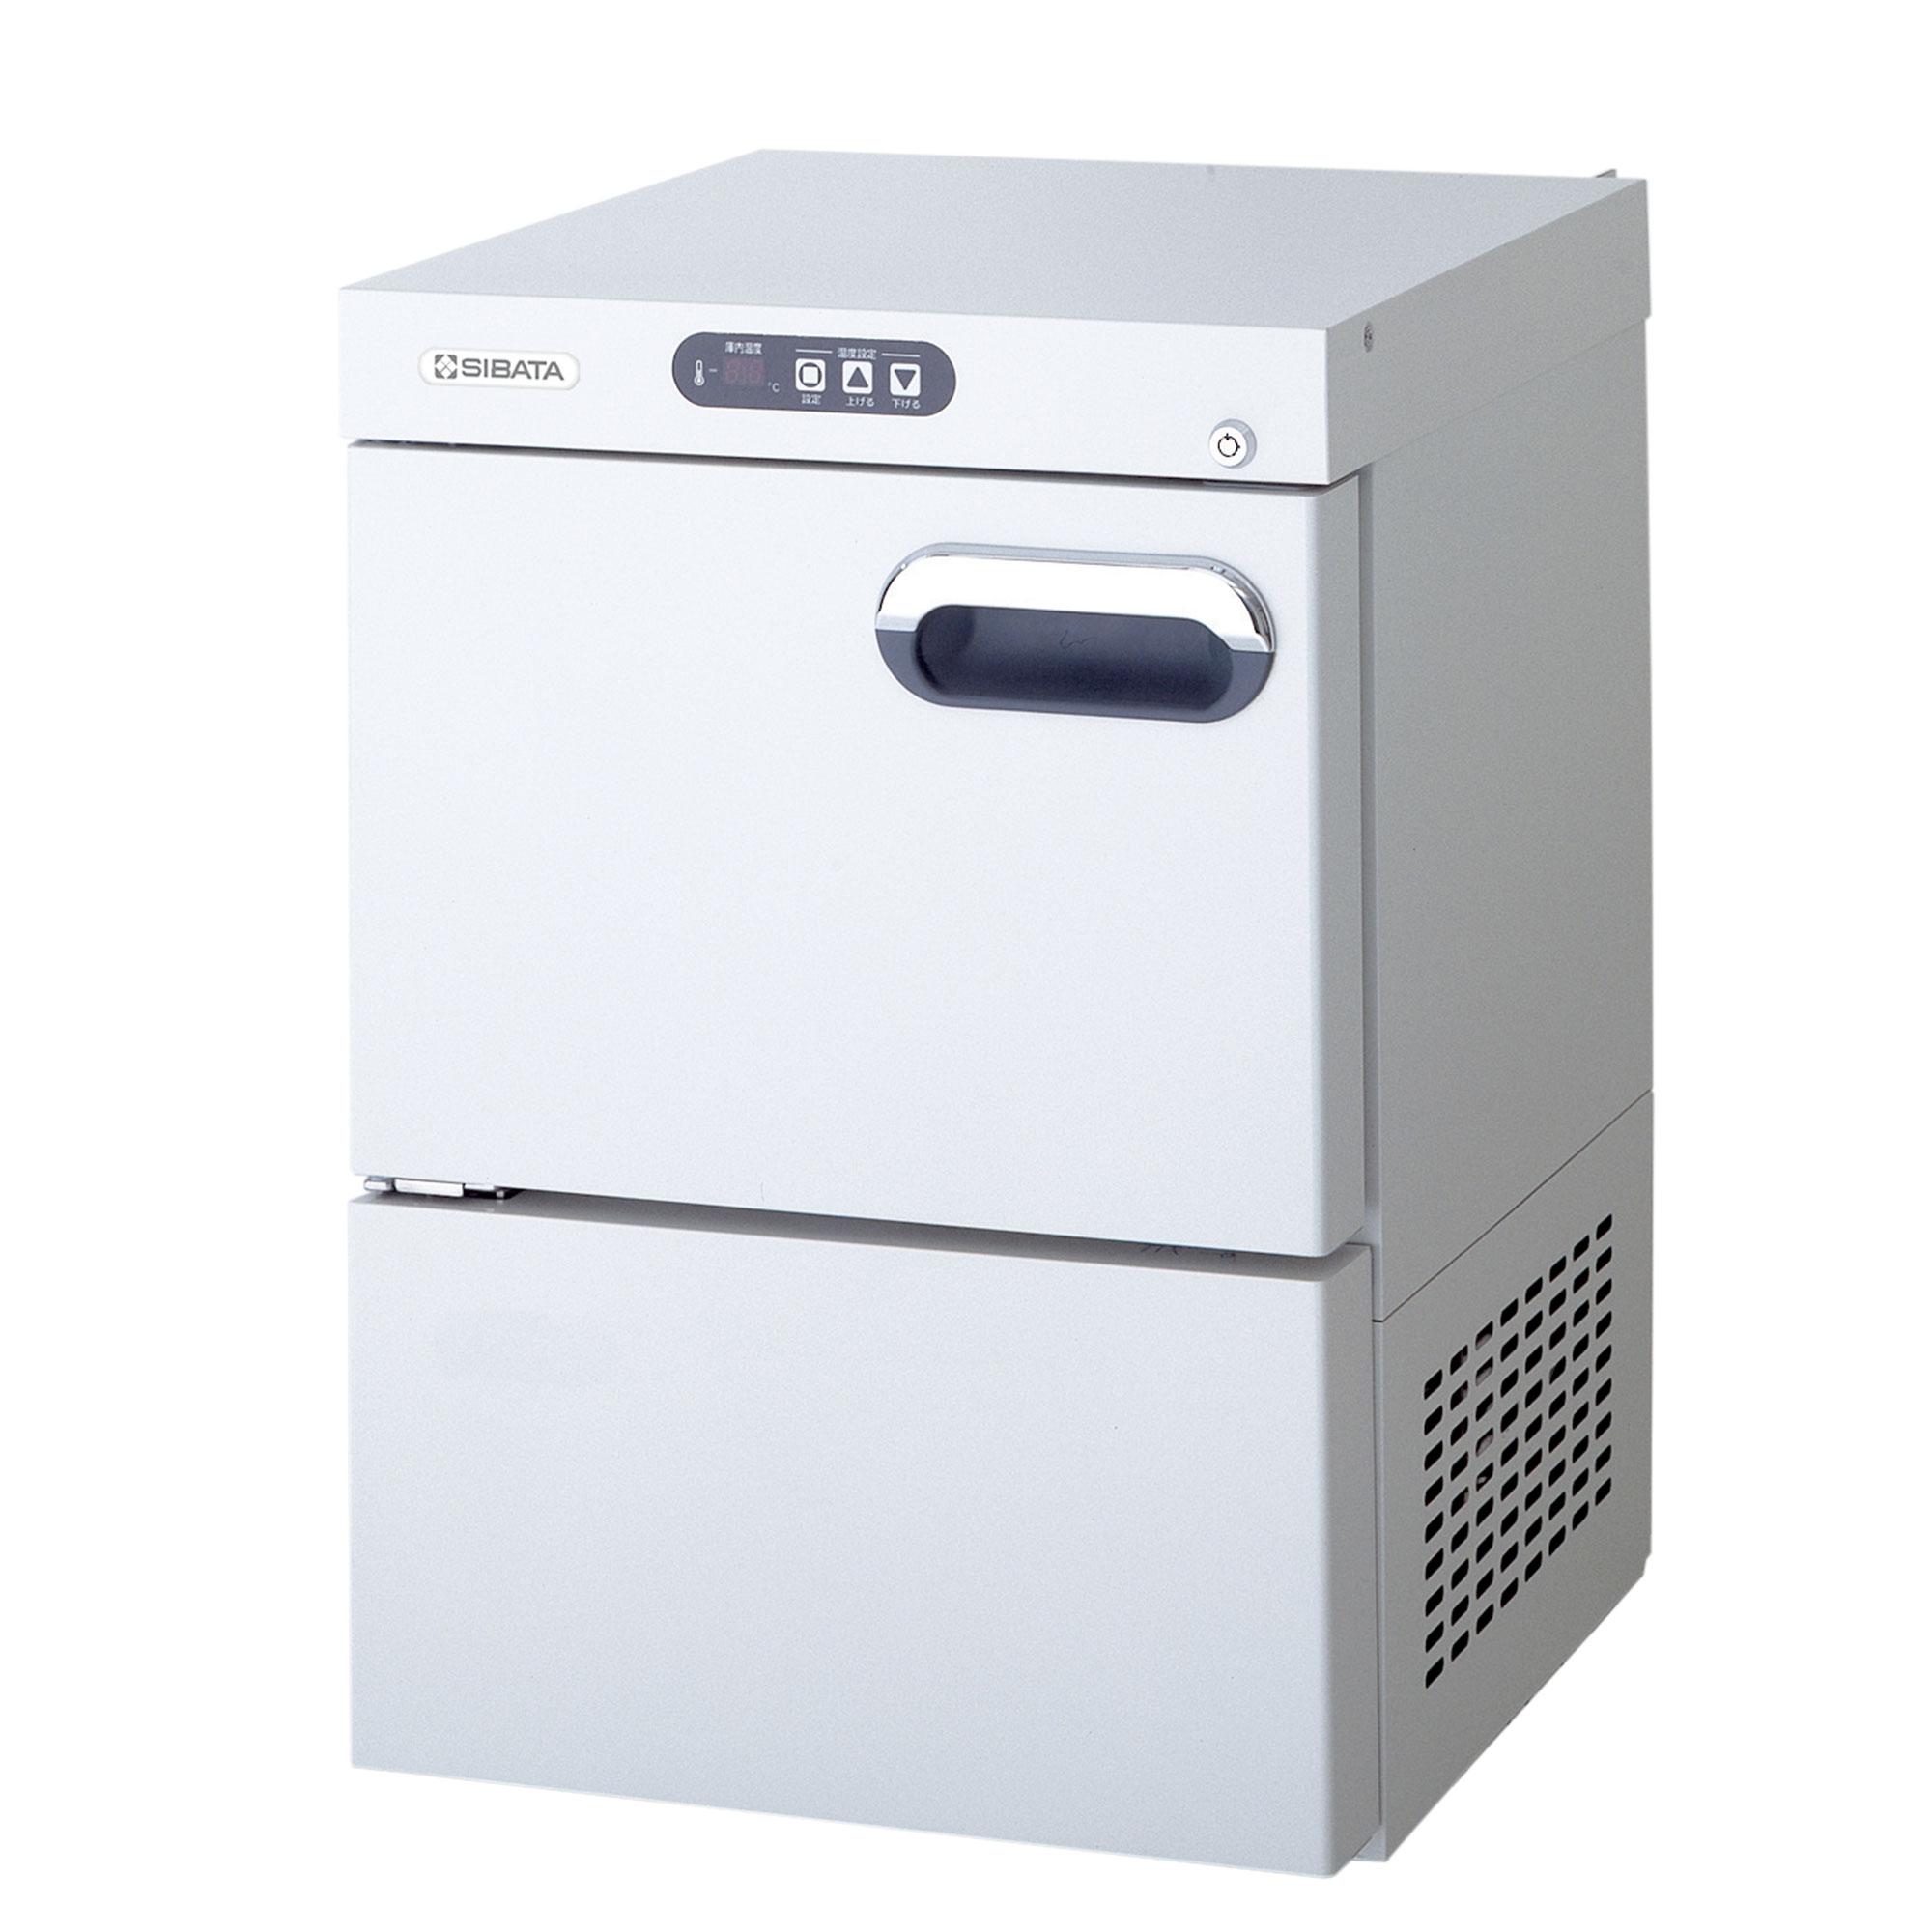 メディカルフリーザー SMF-038F1